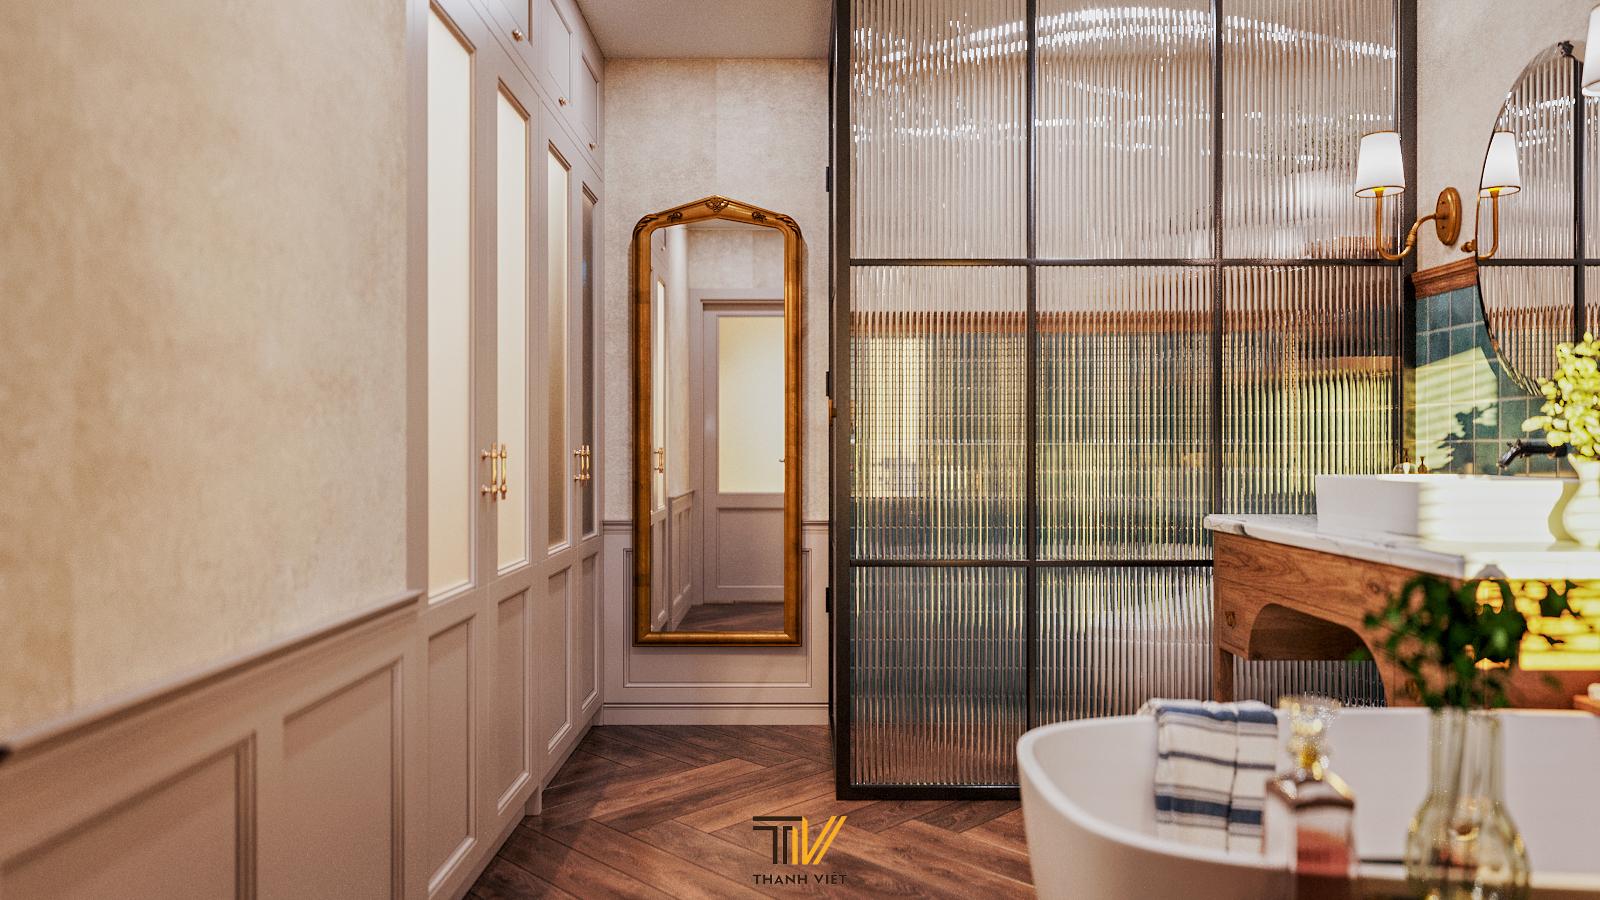 Thiết kế nội thất Chung Cư tại Hà Nội Vintage Farmhouse - Golden Westlake 1626853867 11